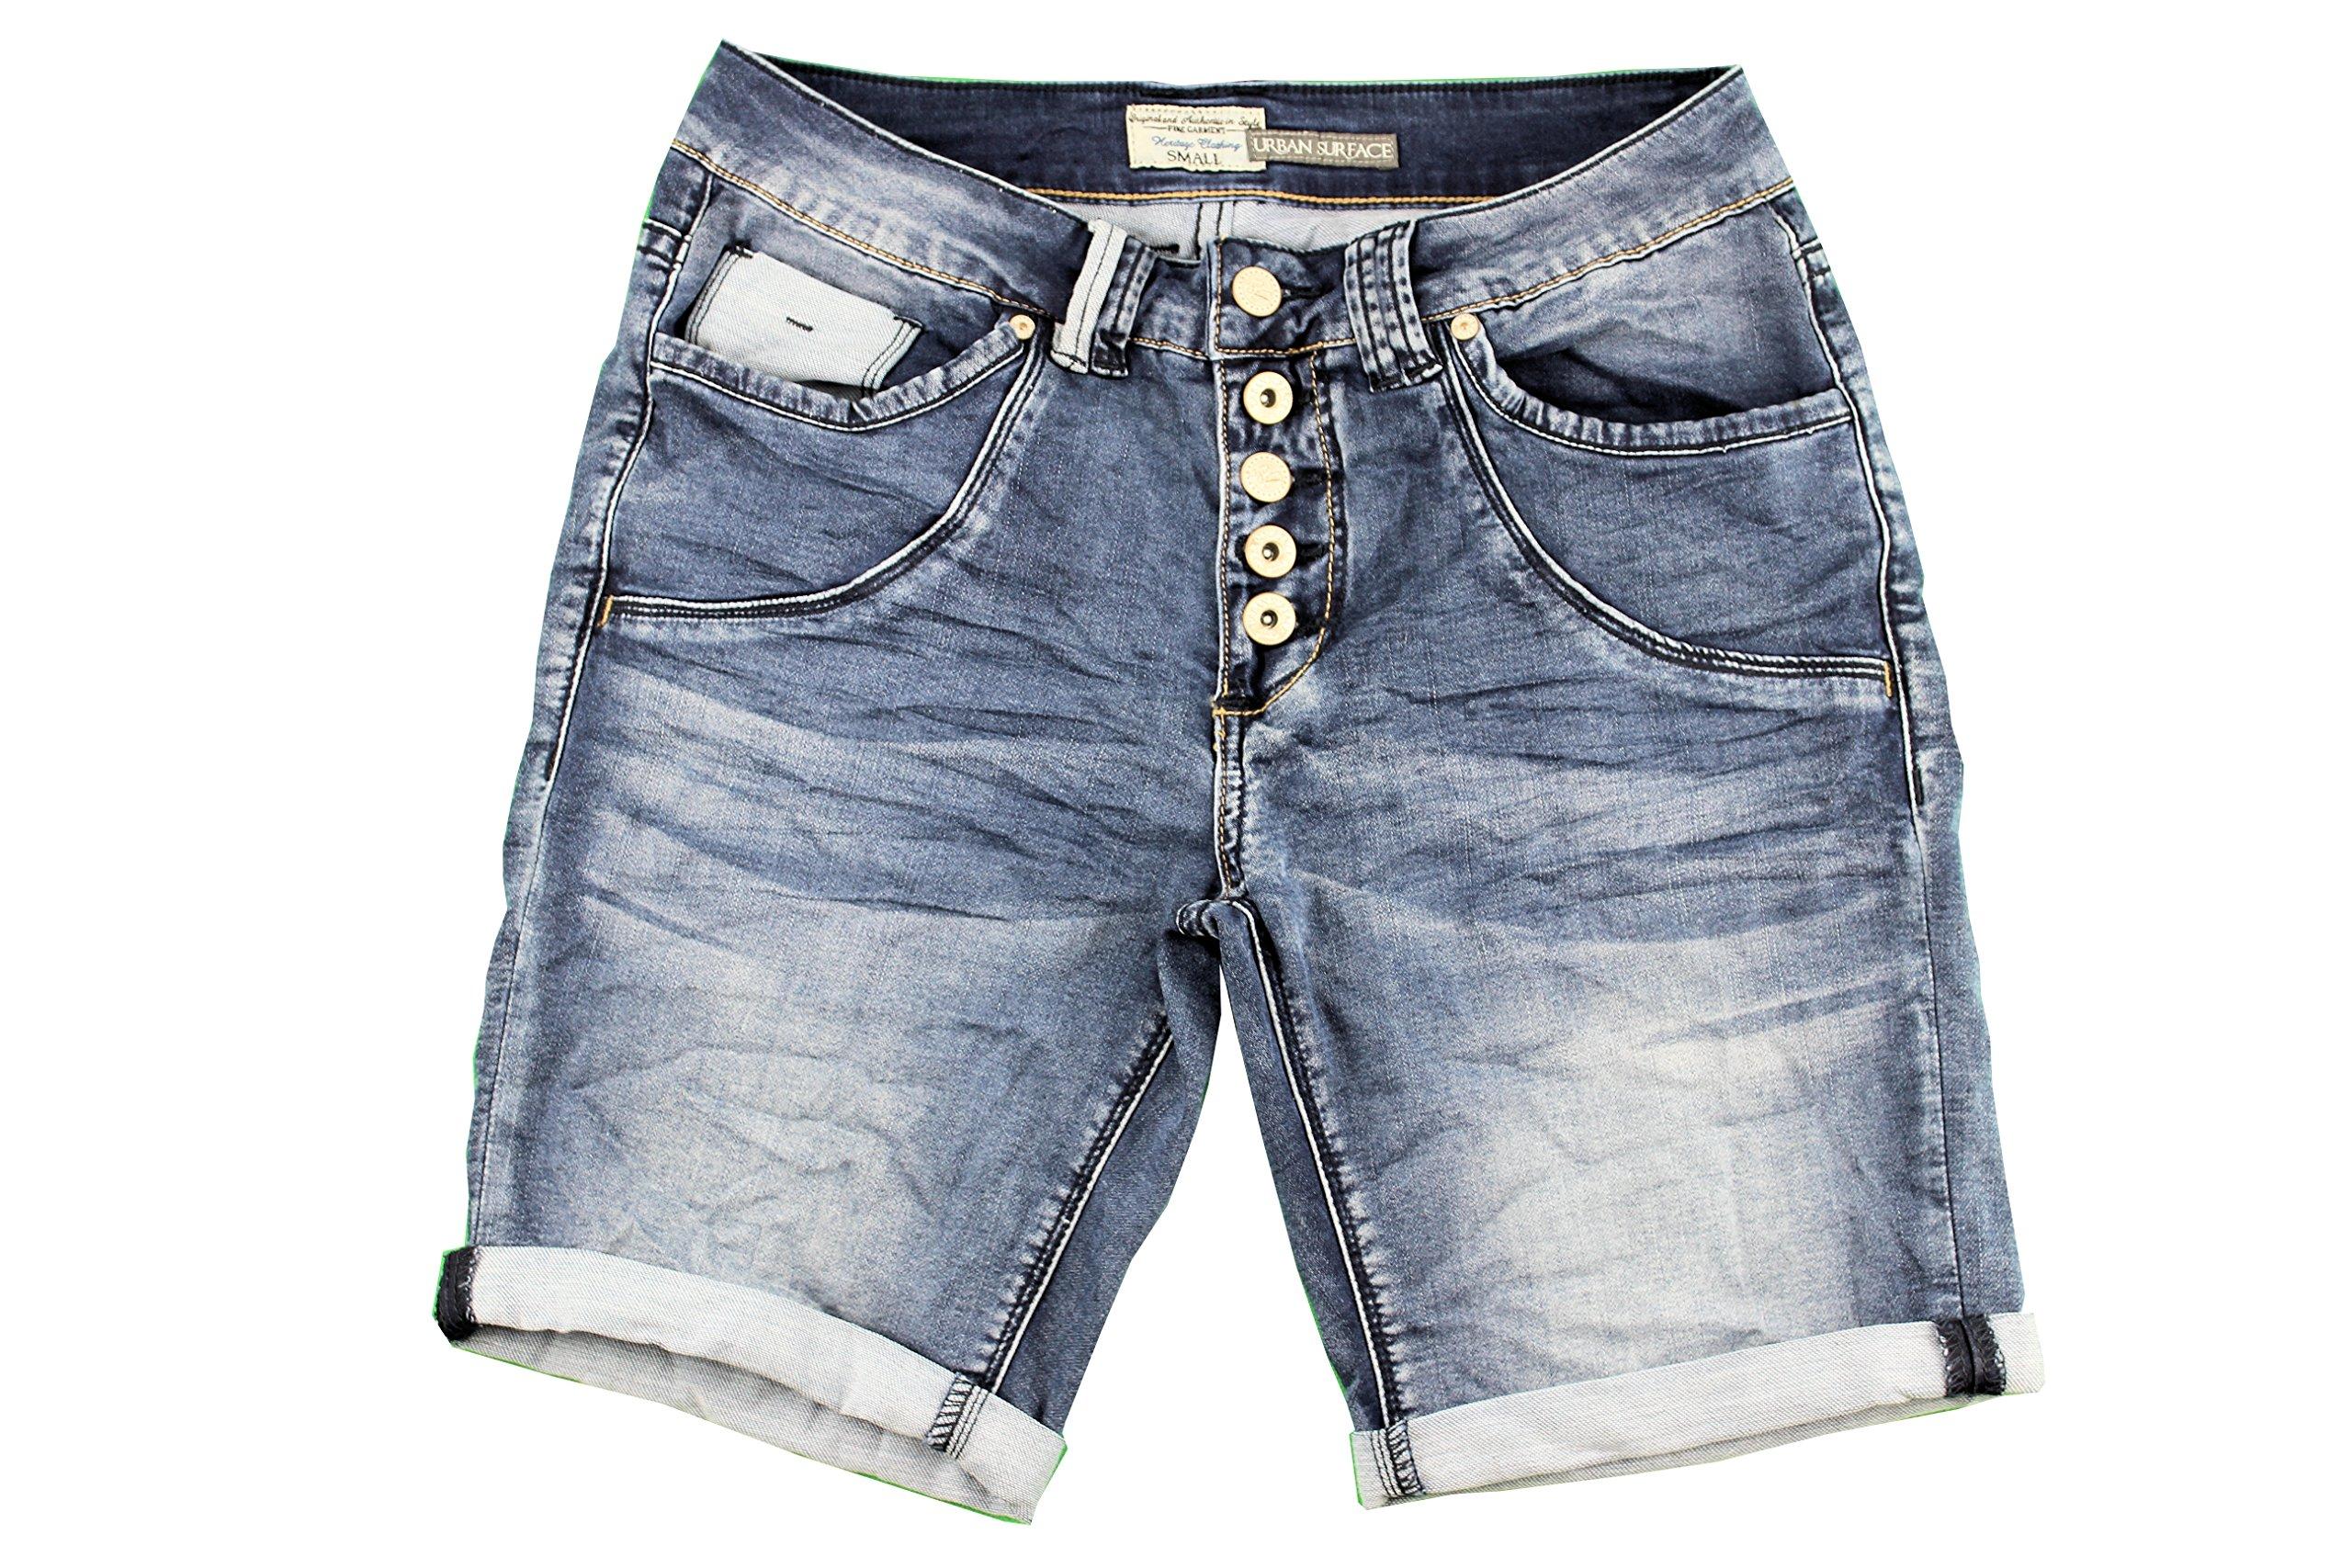 Sublevel Damen Stretch Jeans Bermuda Shorts I Bequeme Kurze